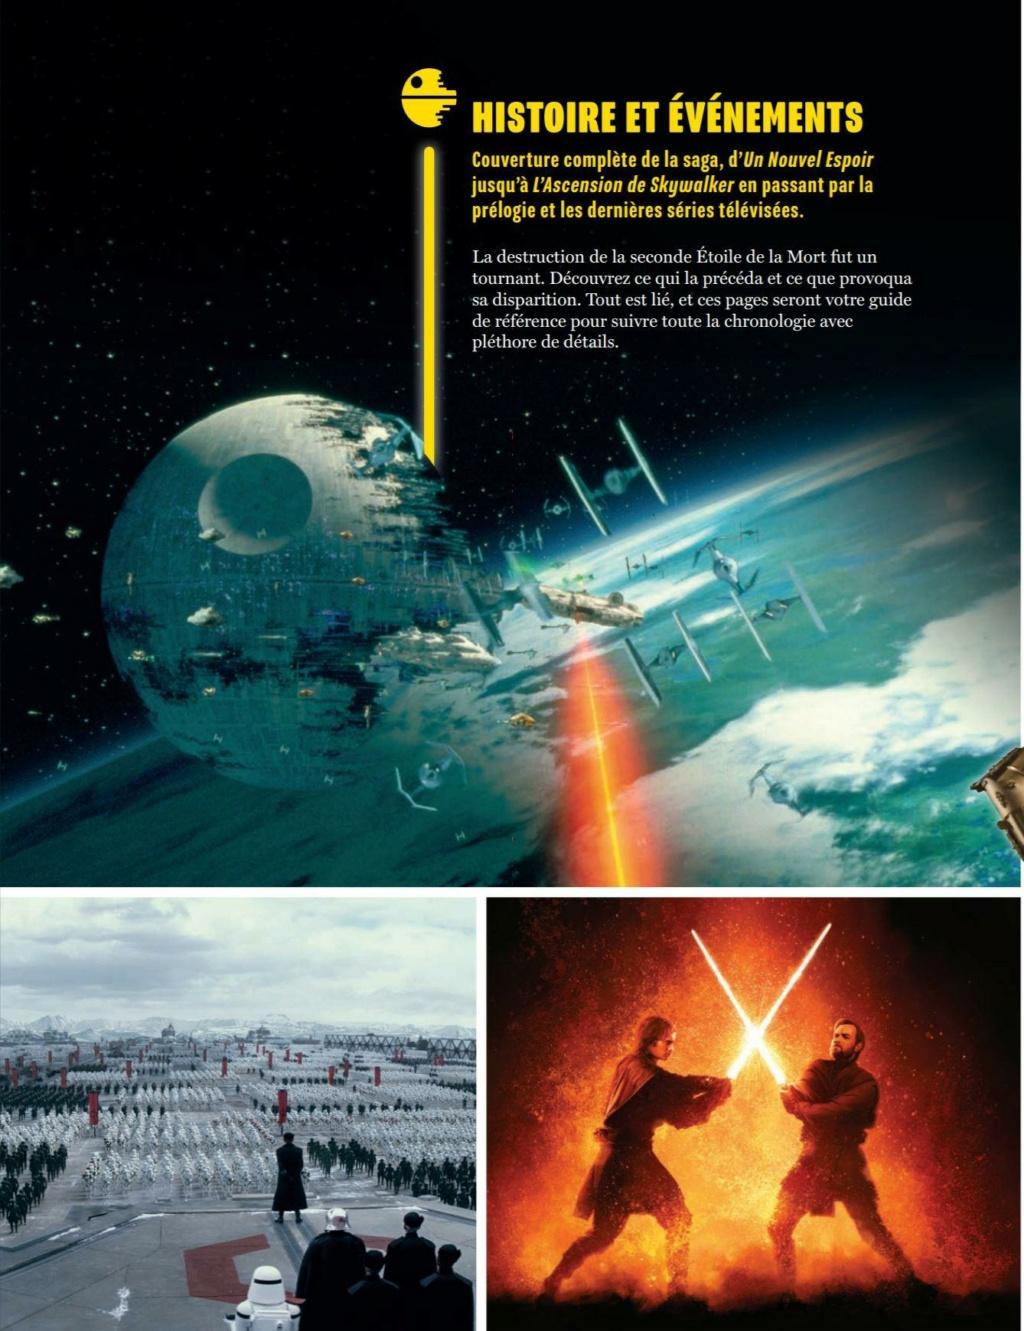 Encyclopédie Star Wars - Altaya 0822